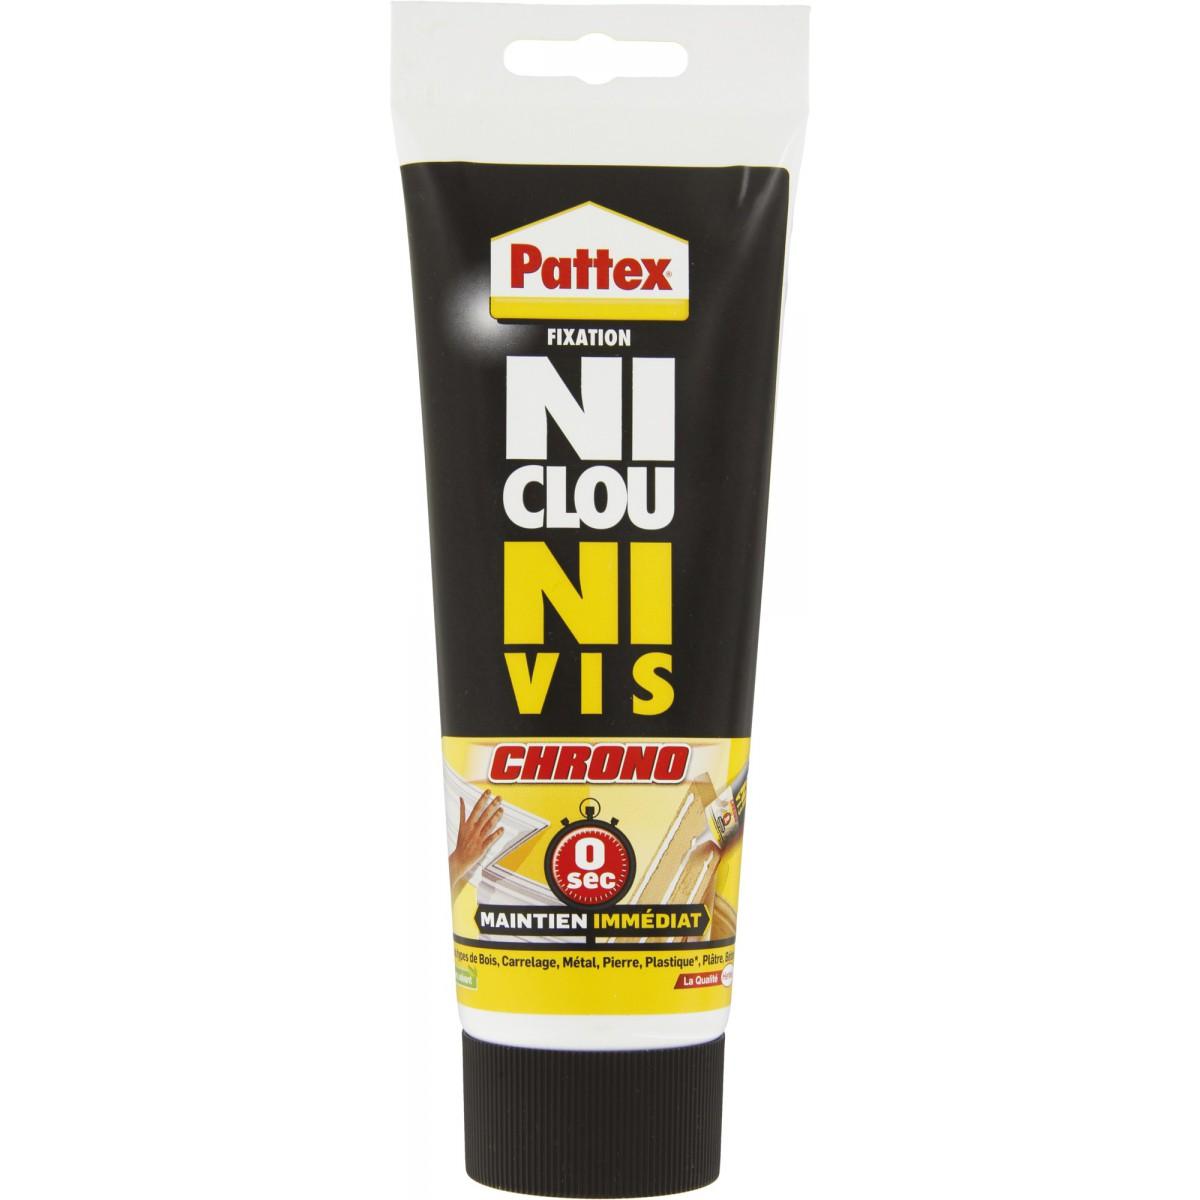 Mastic fixation surpuissant Pattex - Intérieur - Tube 260 g